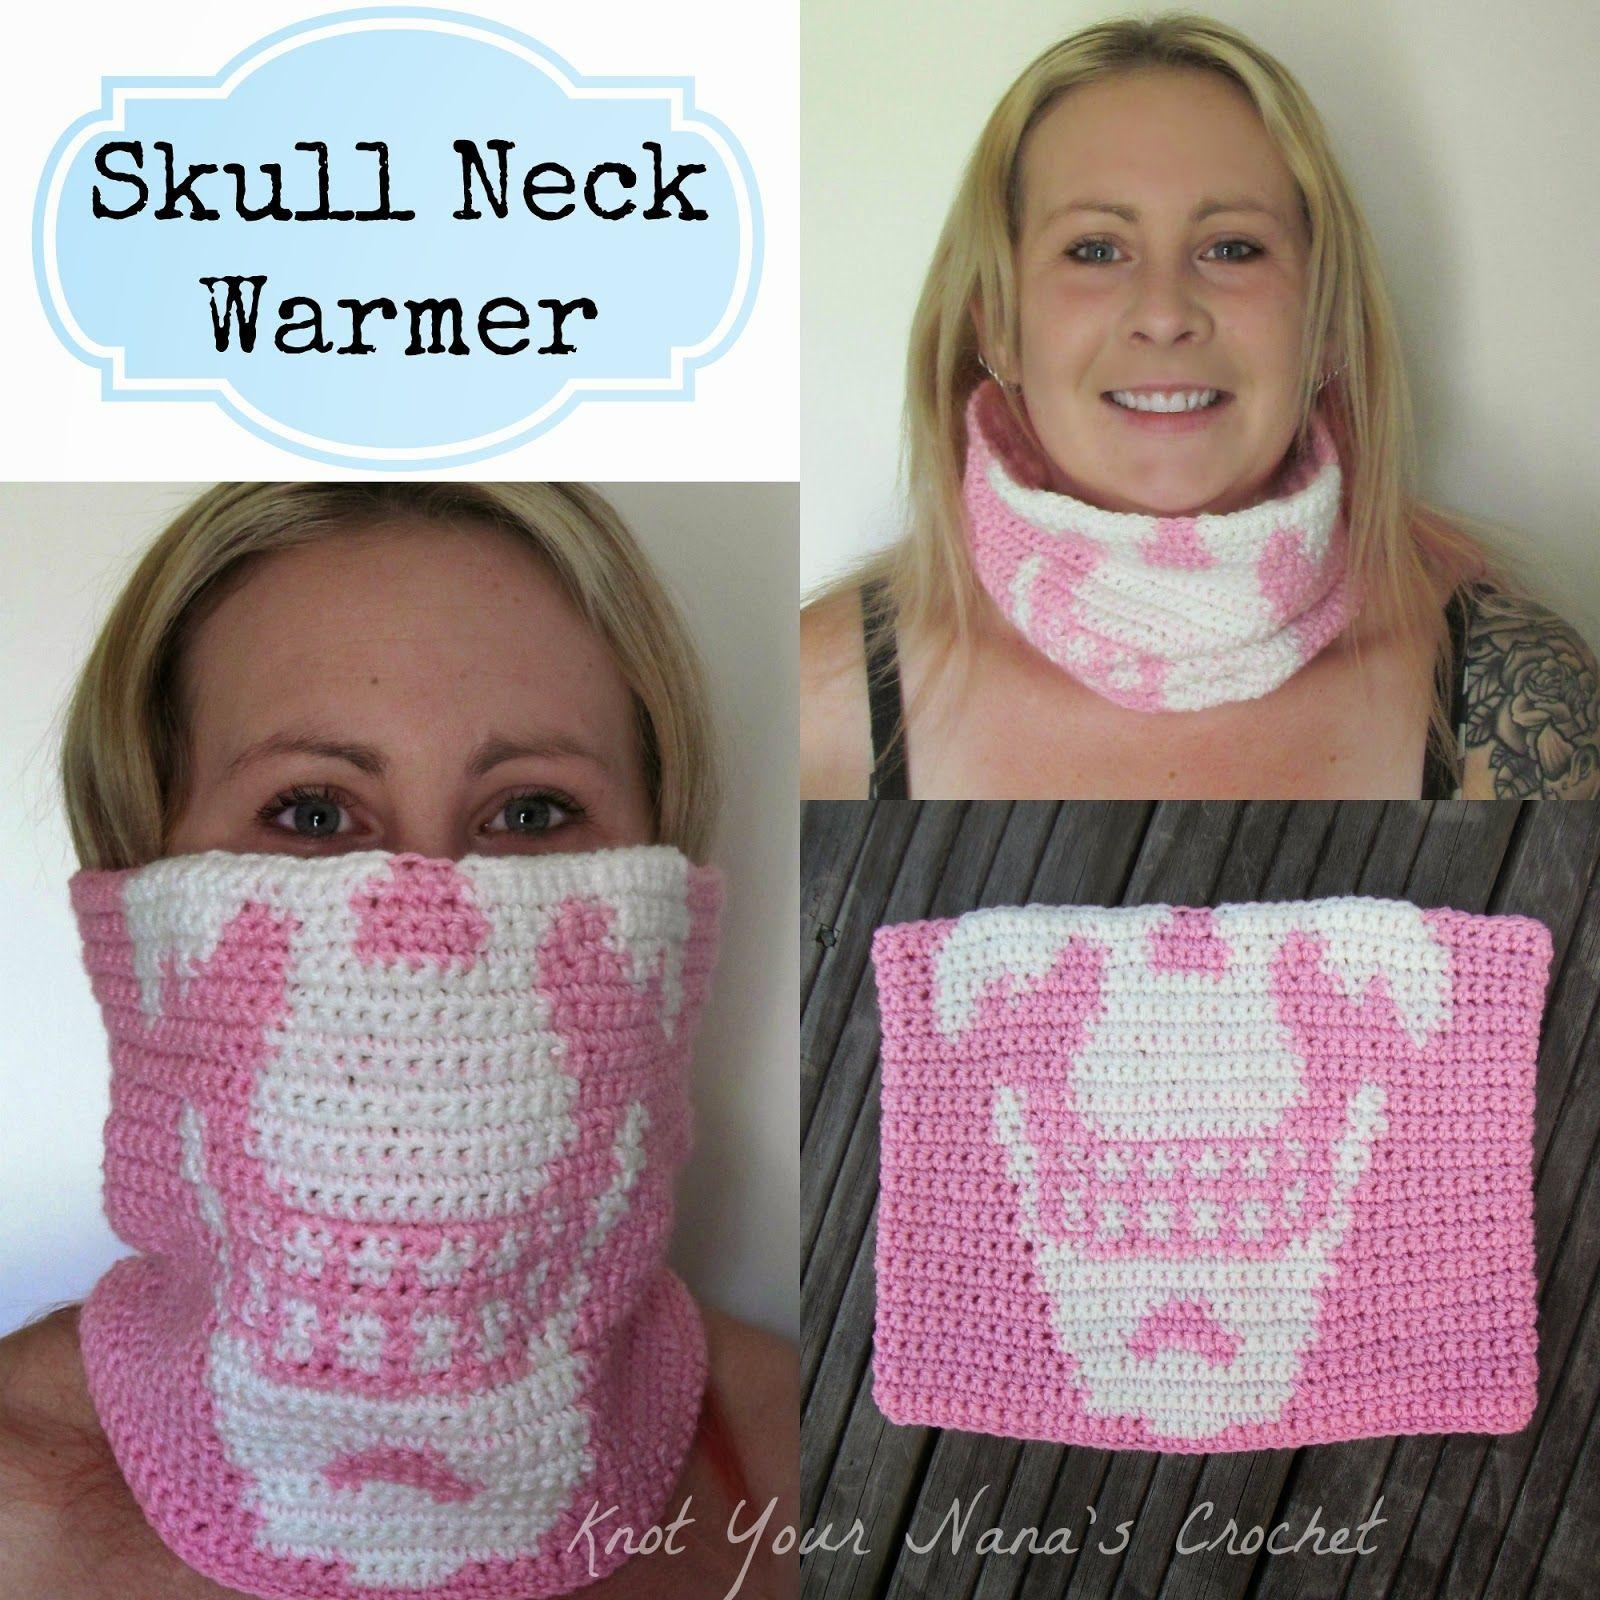 Knot Your Nana\'s Crochet: Crochet Skull Neck Warmer   CROCHET NEW ...